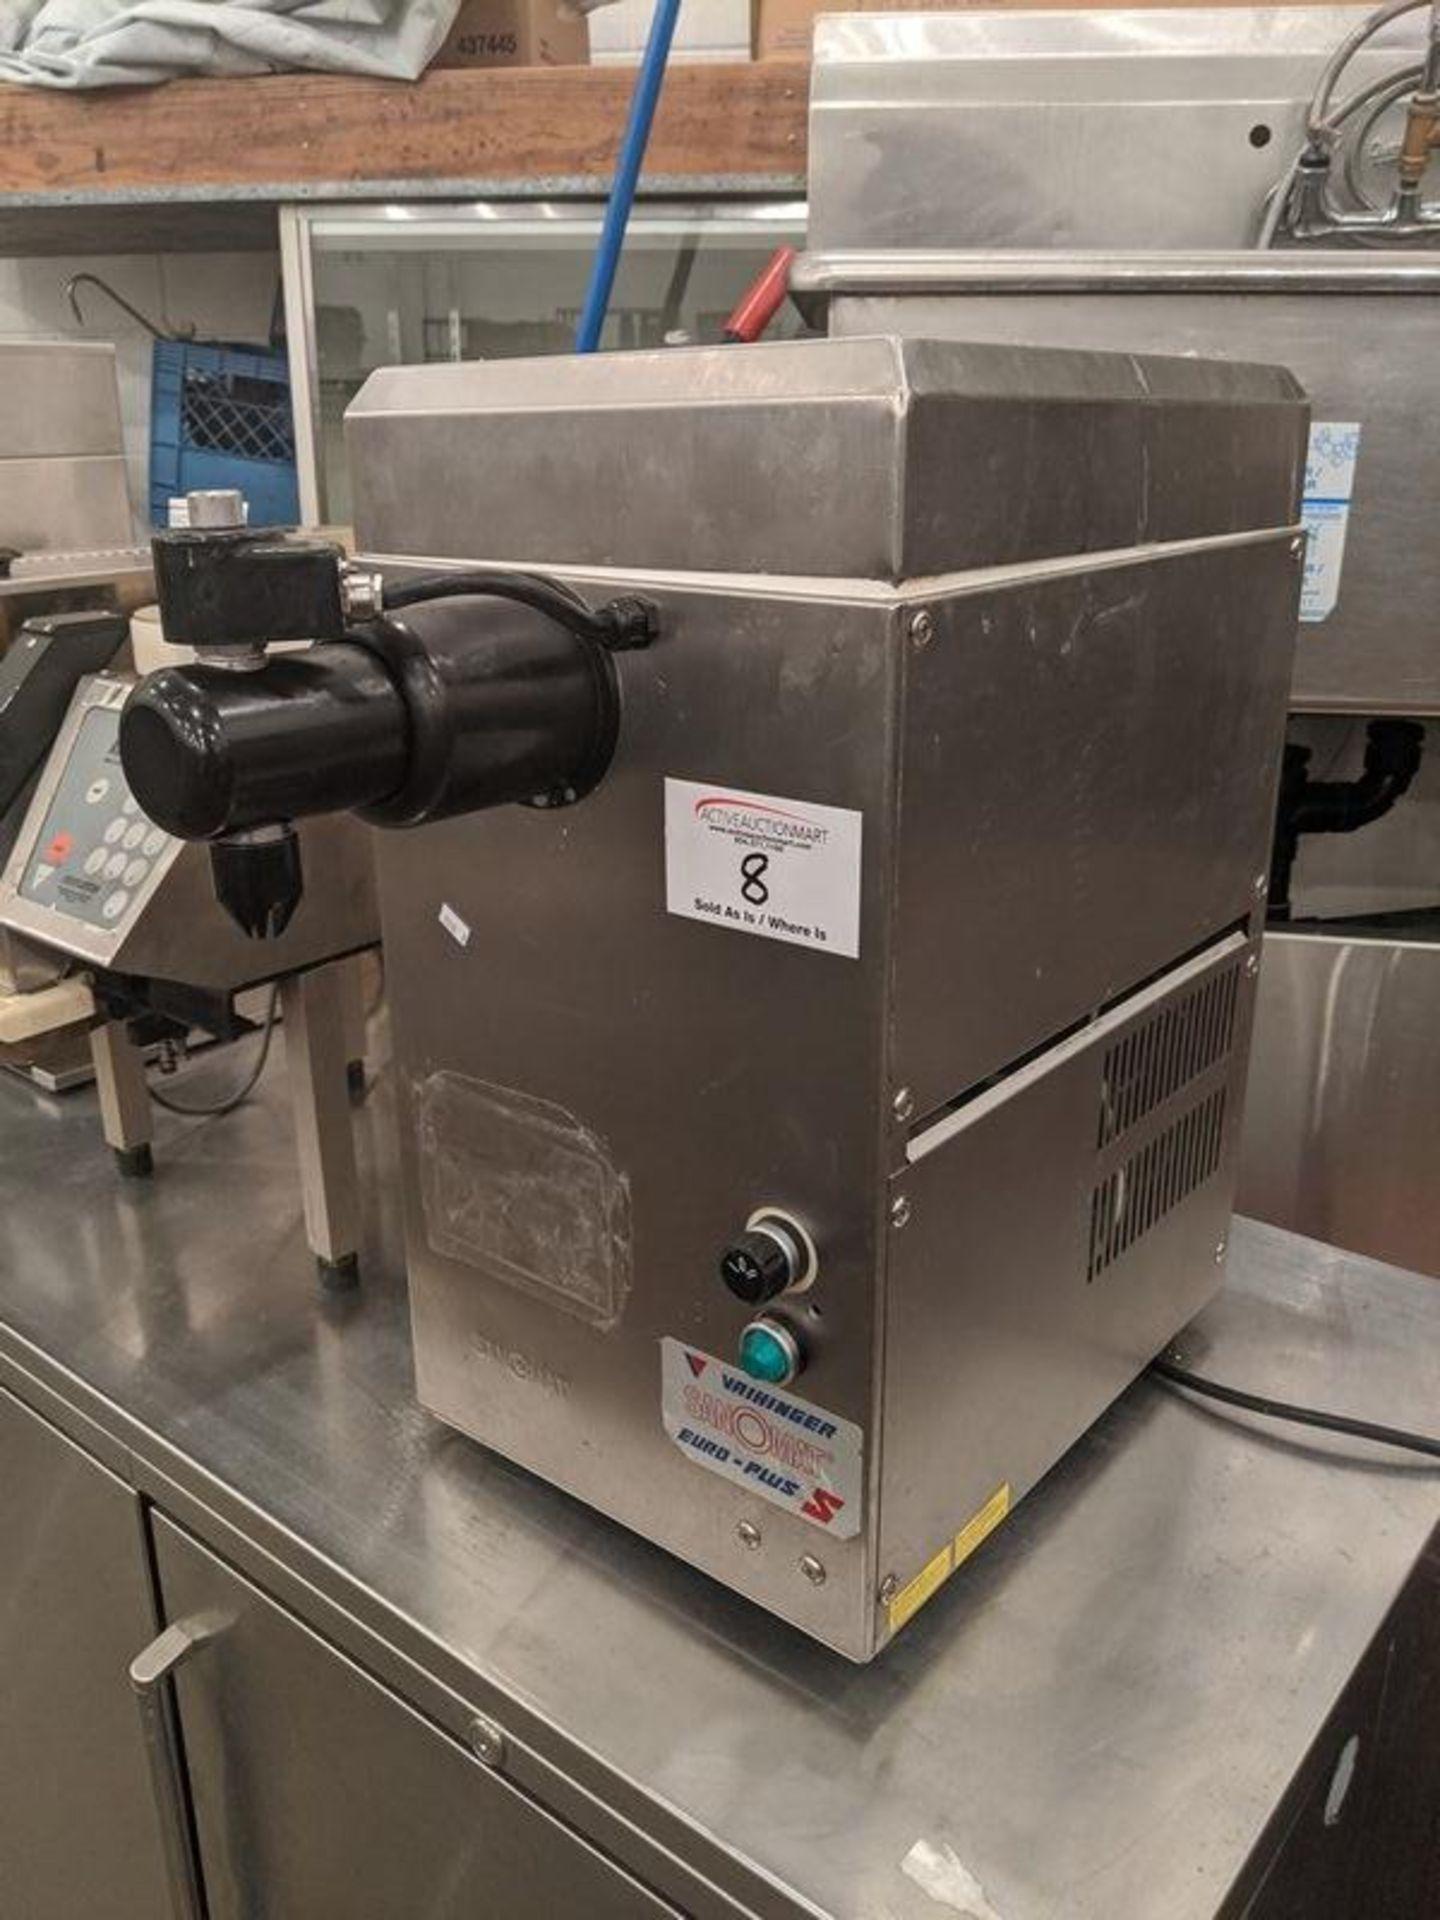 Lot 8 - Sanomat Whip Cream Dispenser